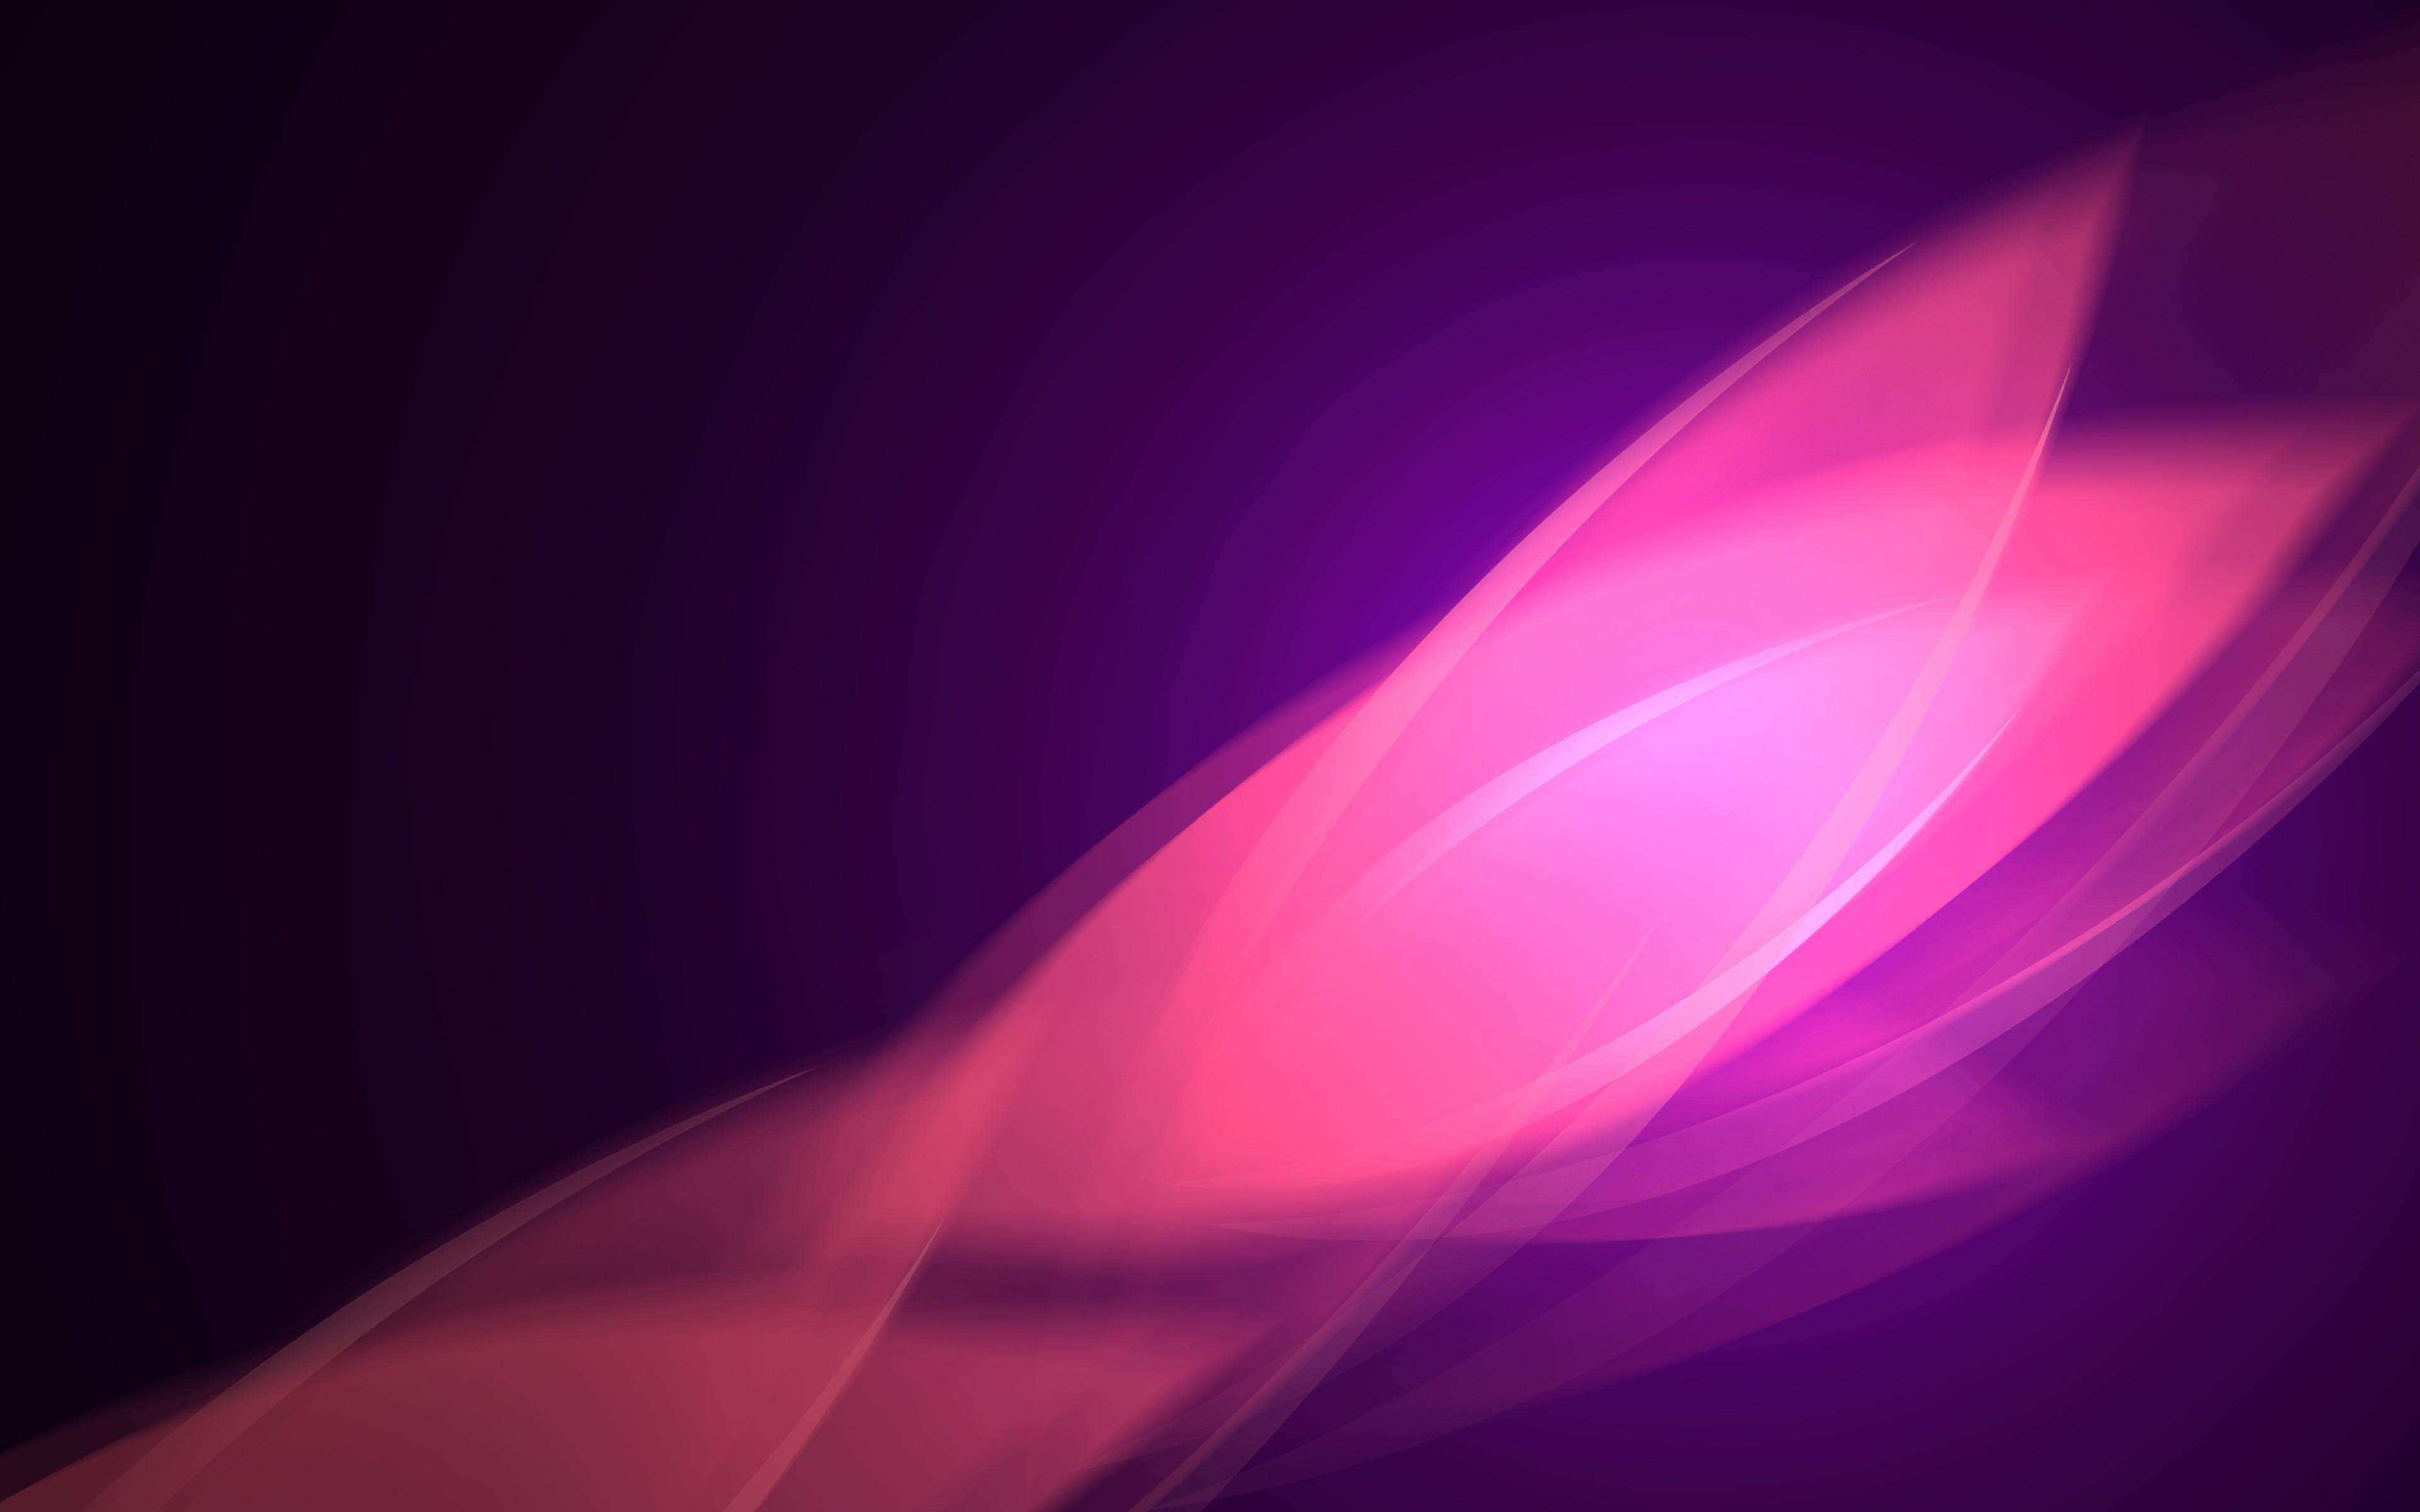 Розовая вспышка обои скачать